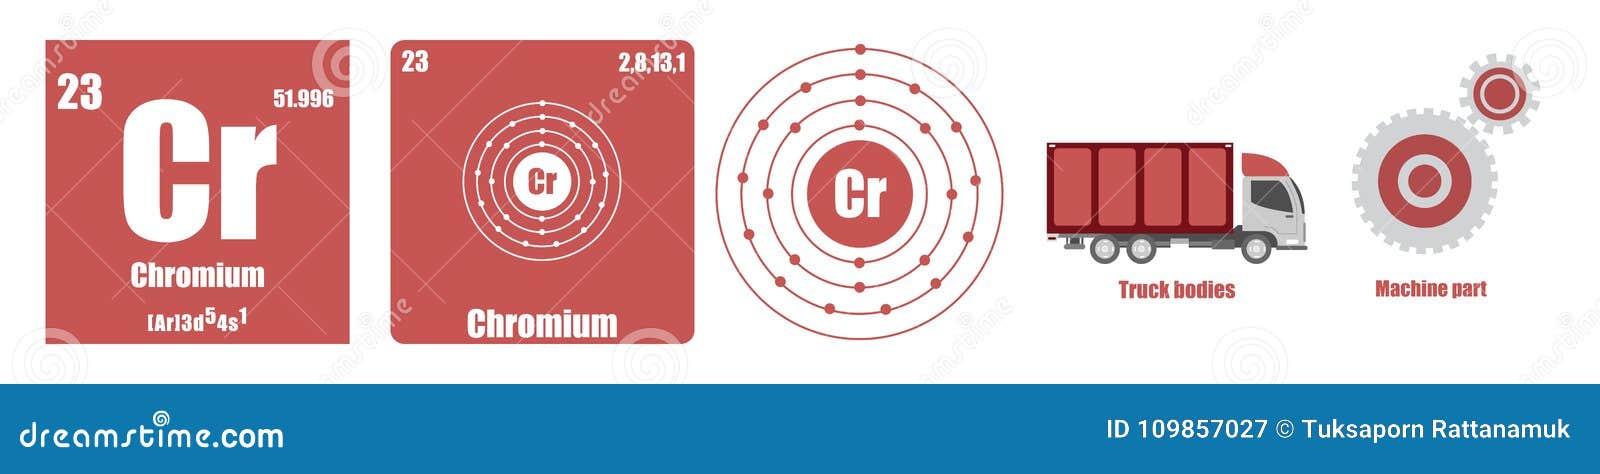 Periodic Table Of Element Transition Metals Chromium Stock